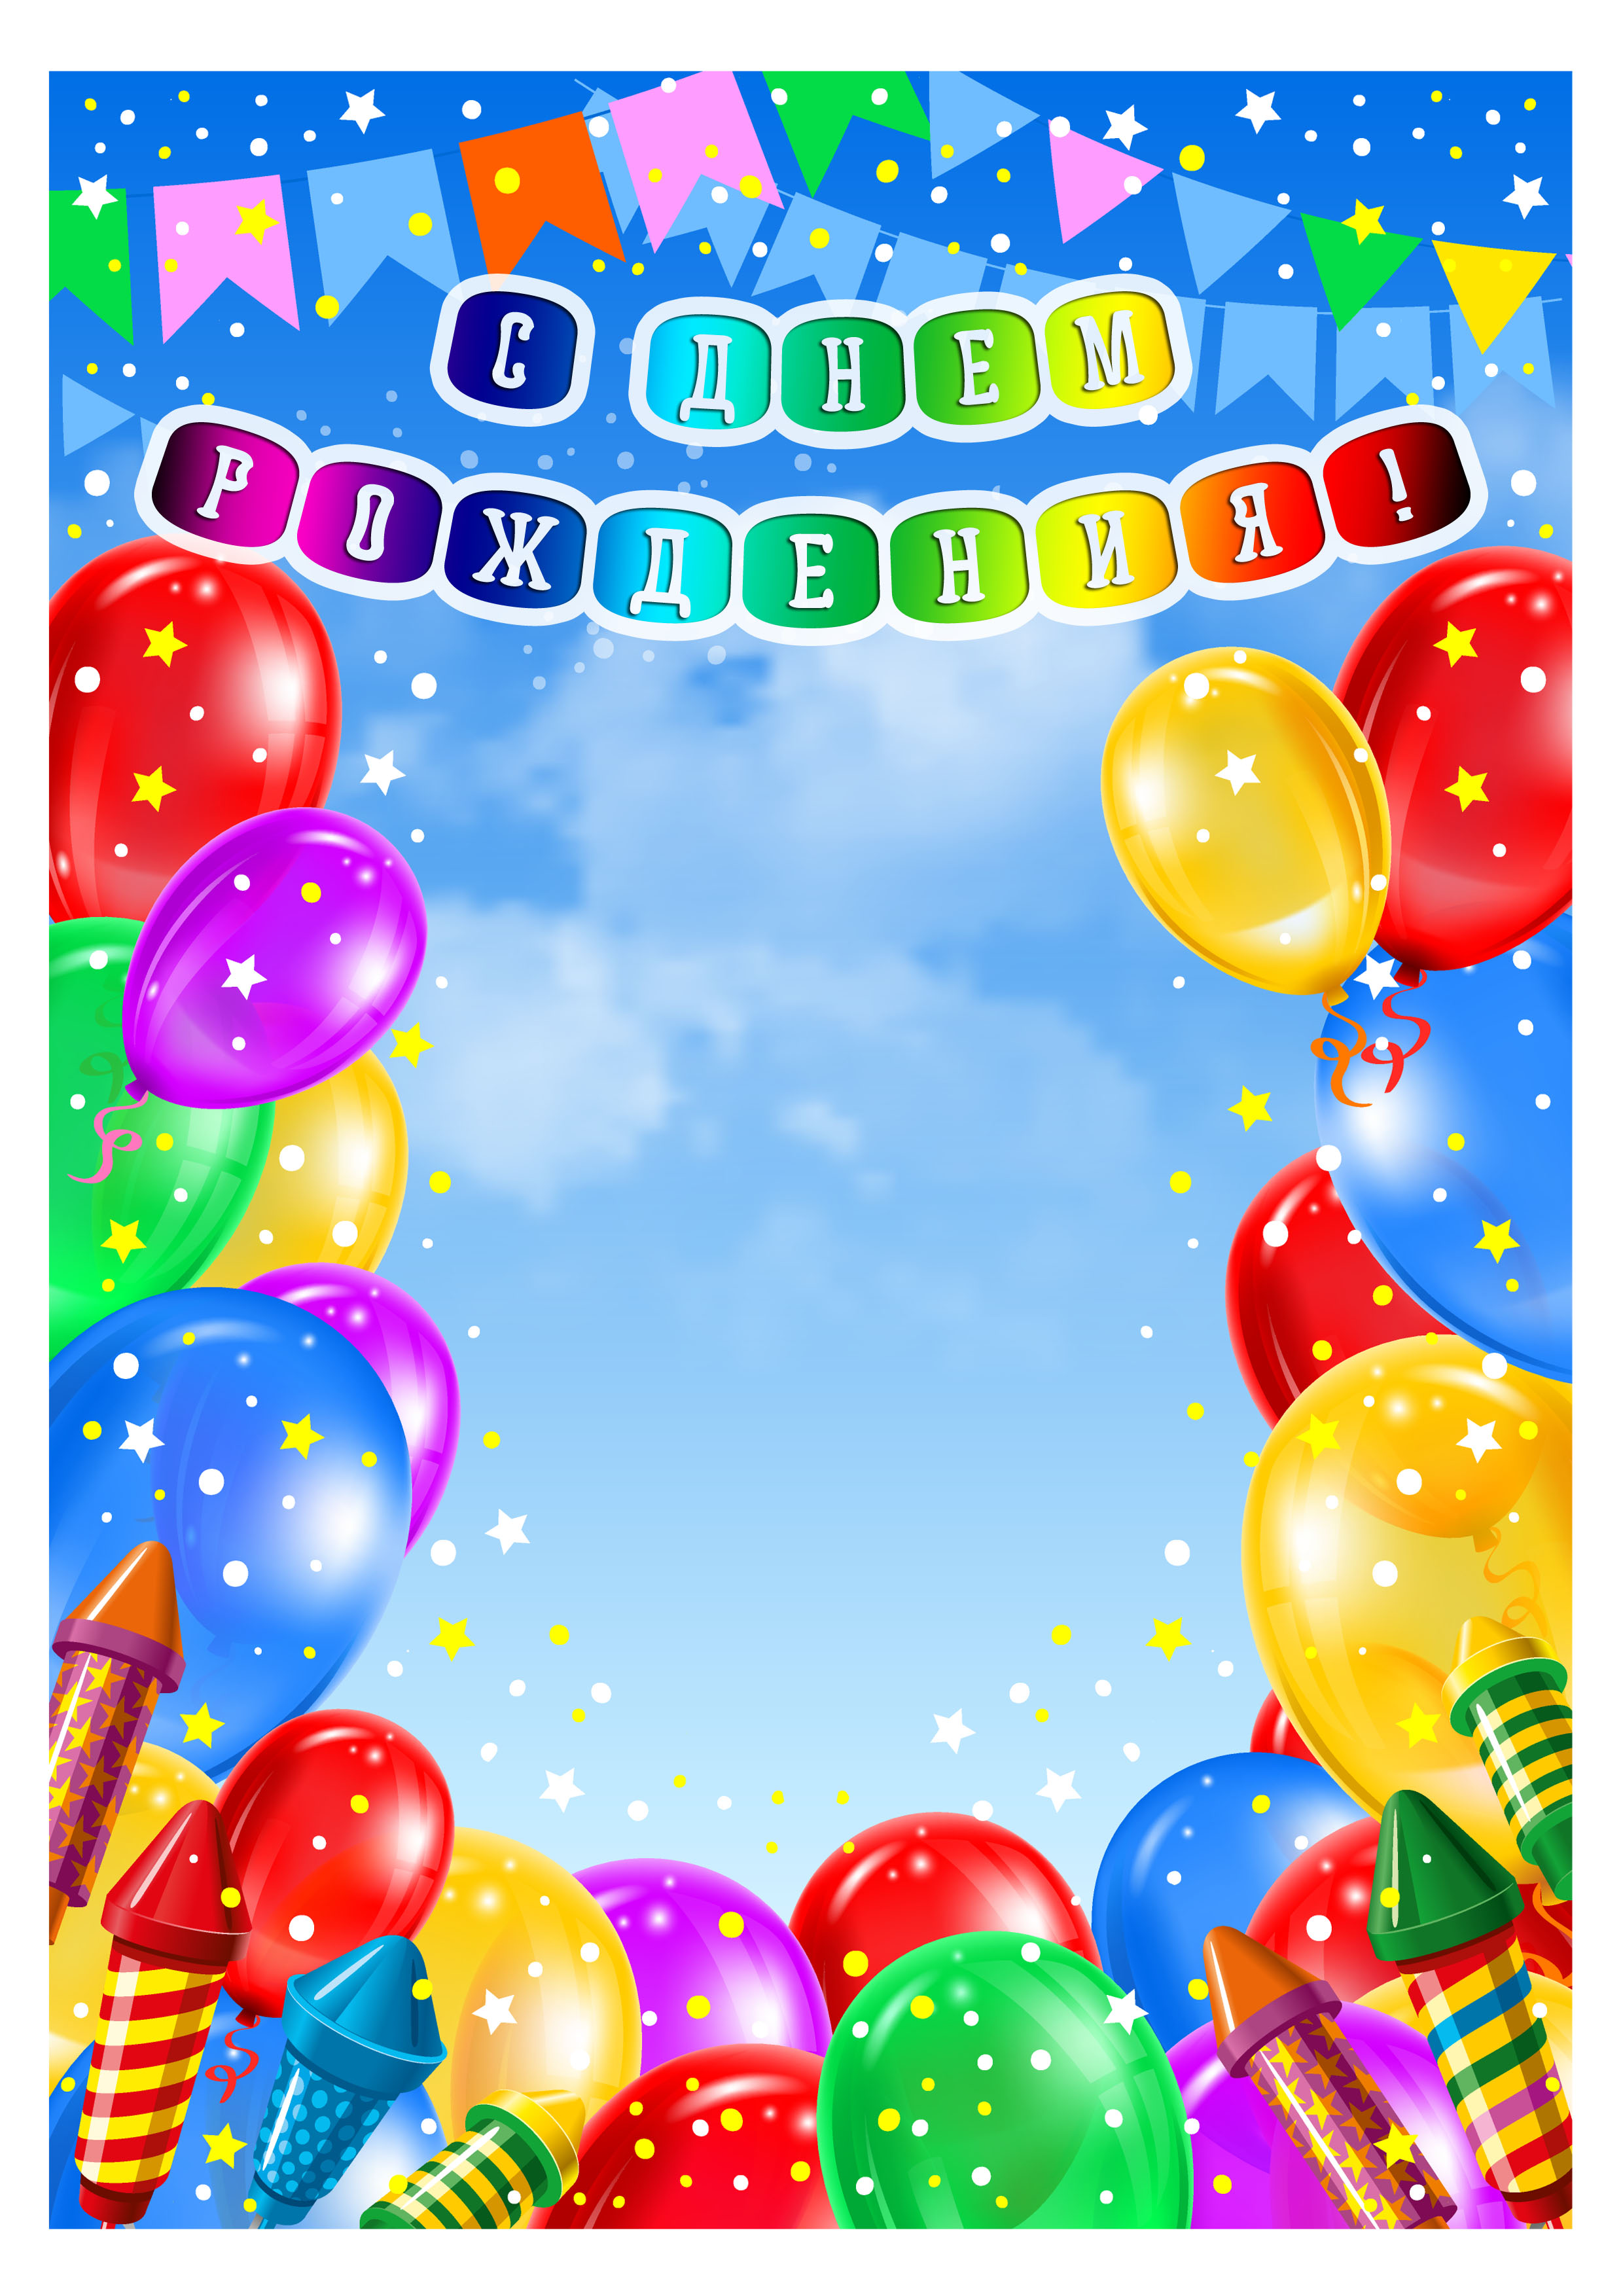 Плакат для поздравления одноклассников с днём рождения фото 240